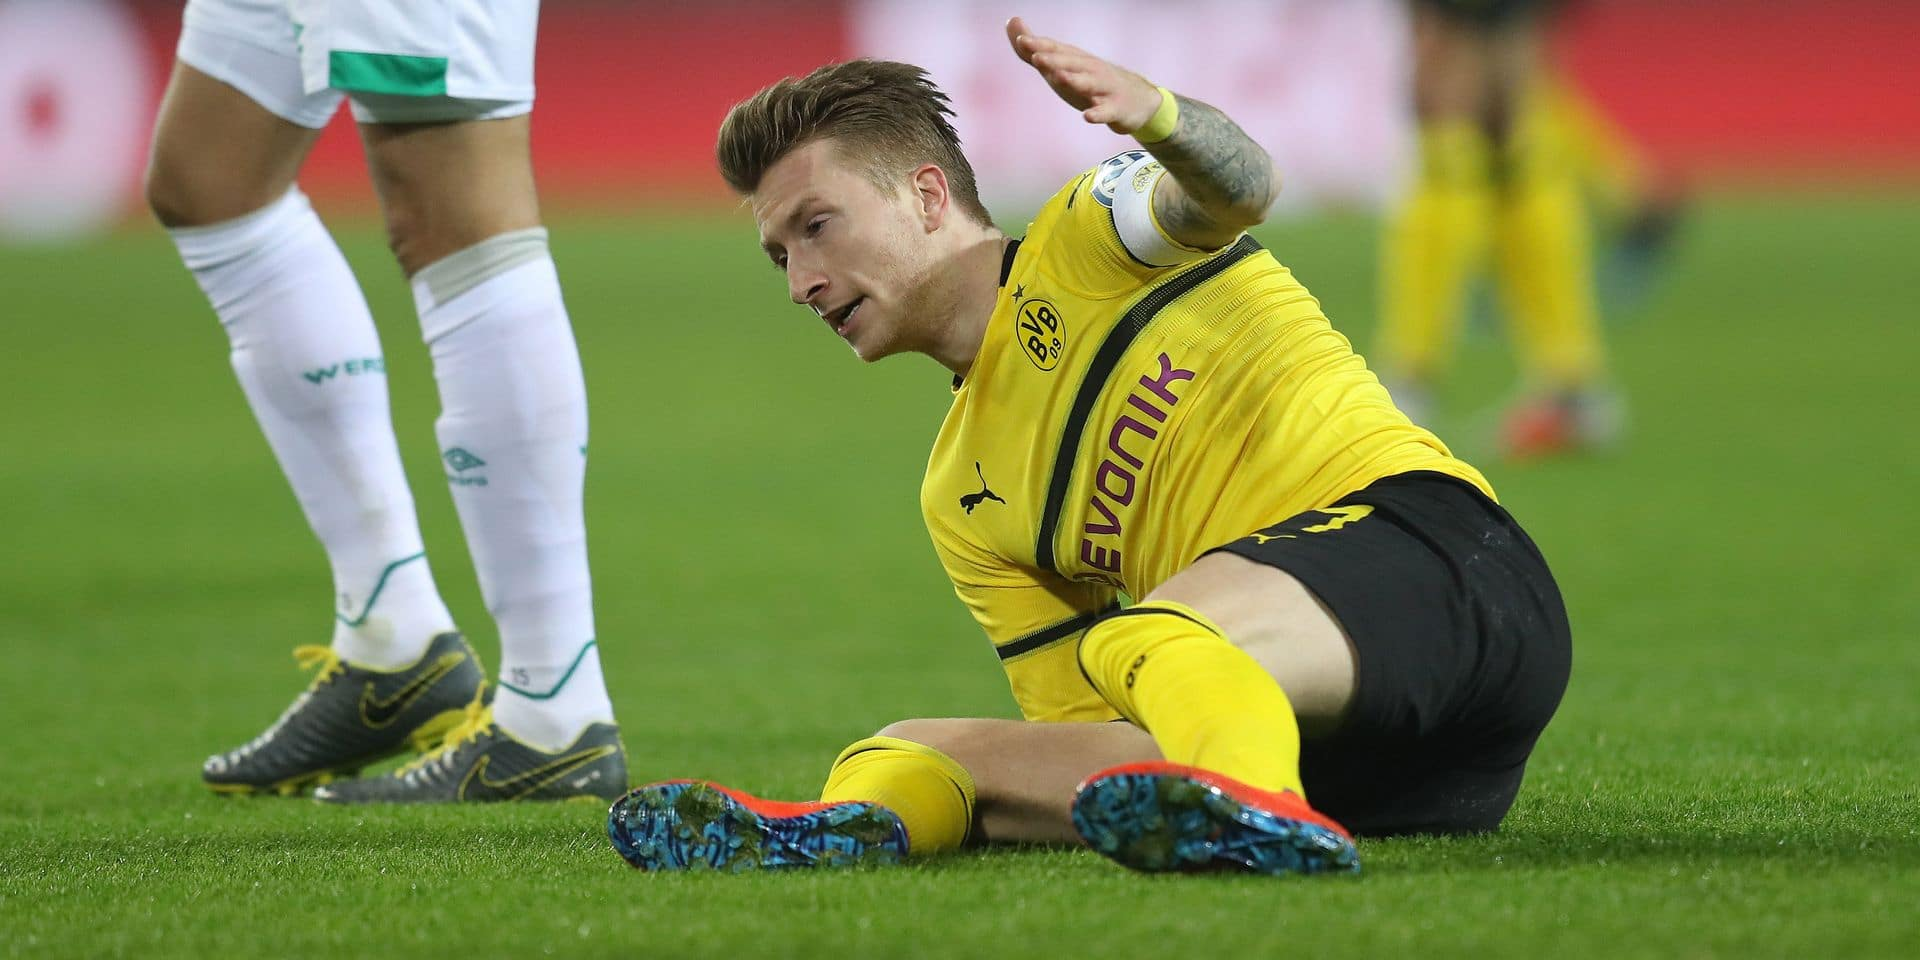 Le Borussia Dortmund inquiet pour son capitaine Reus, blessé à une cuisse